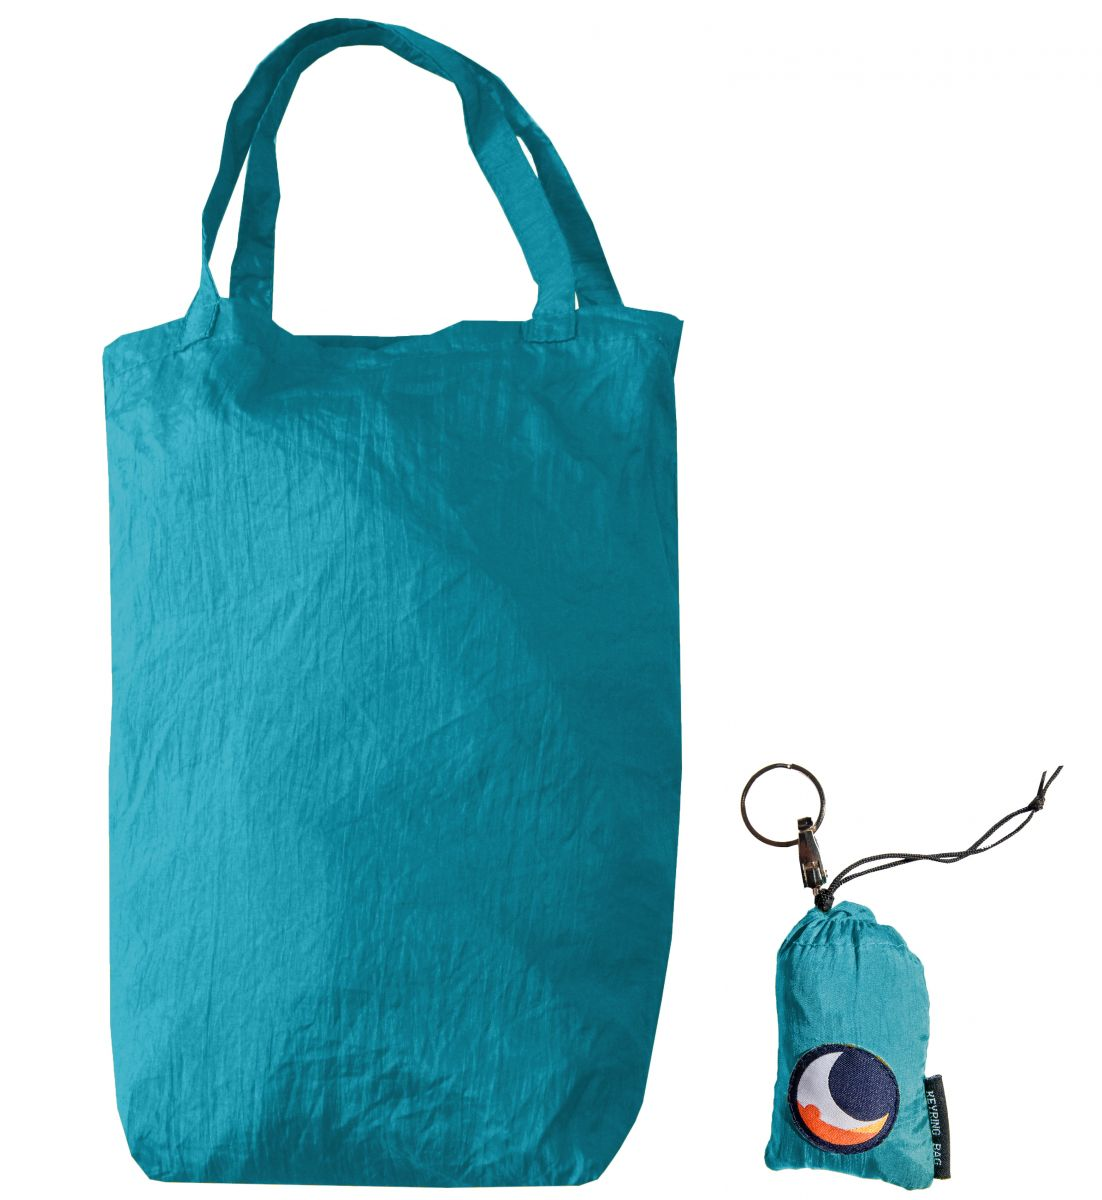 Τσάντα Με Μπρελόκ Aqua